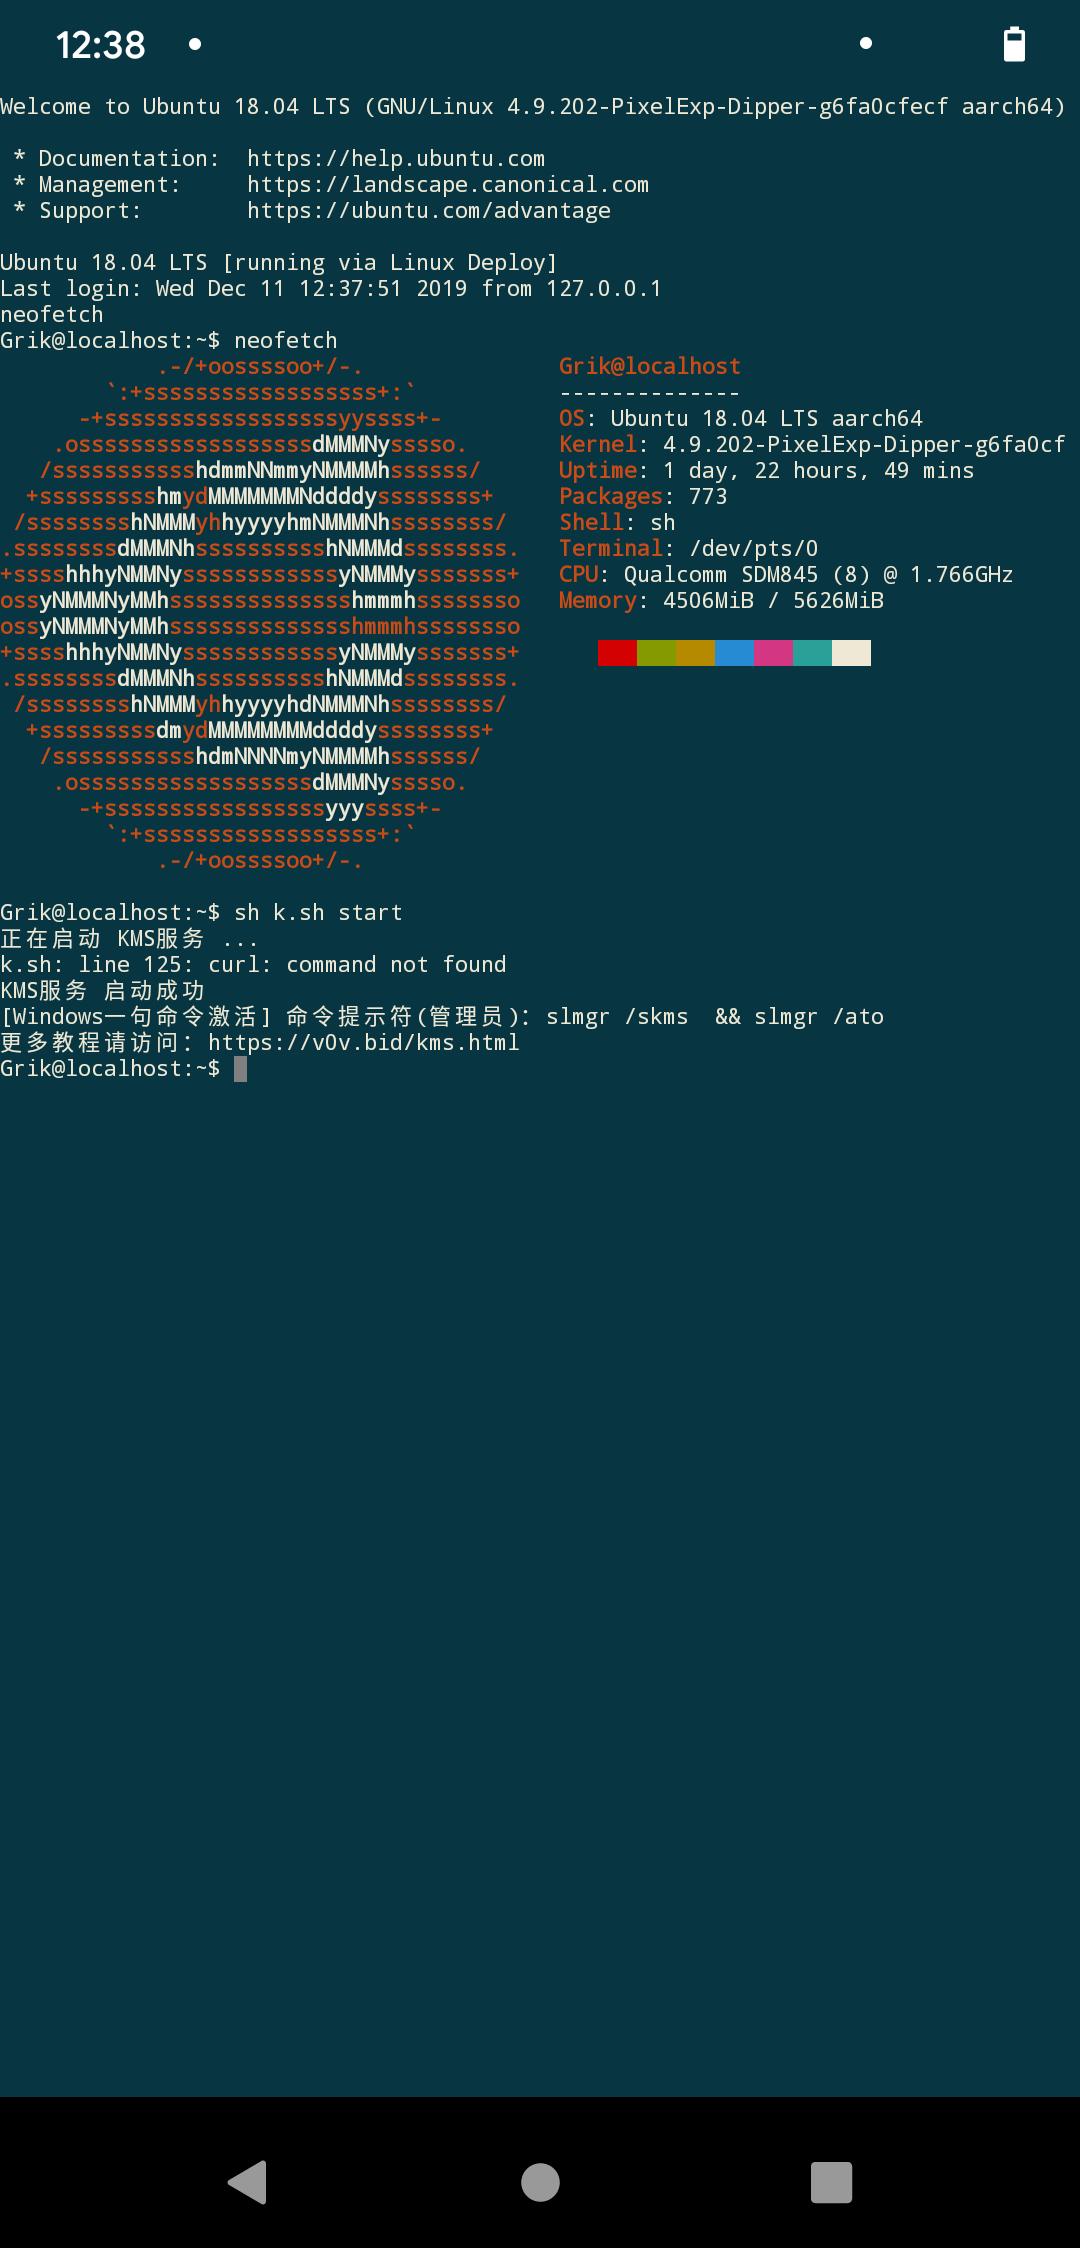 【分享】linuxdeploy是一个强大的编程软件,可以随意折腾